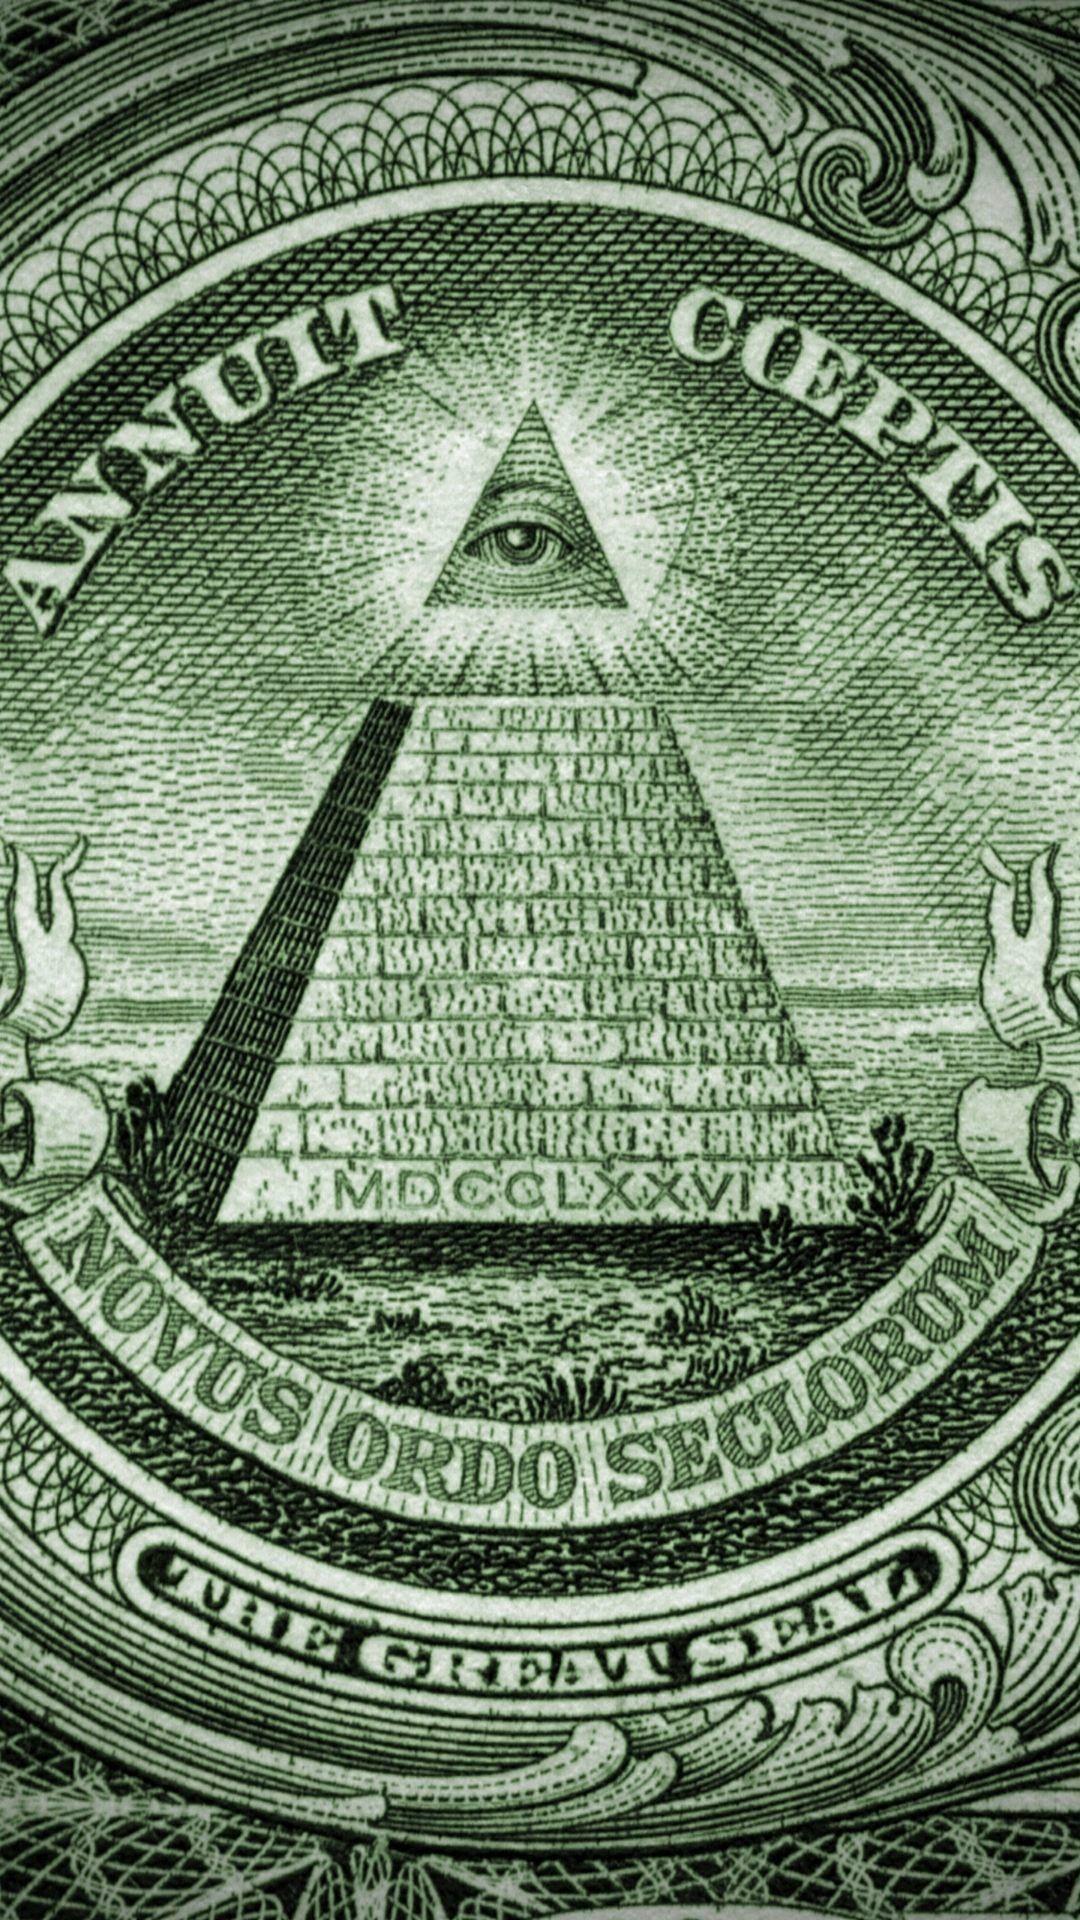 1113541-gorgerous-cash-money-wallpaper-1080×1920-high-resolution-money